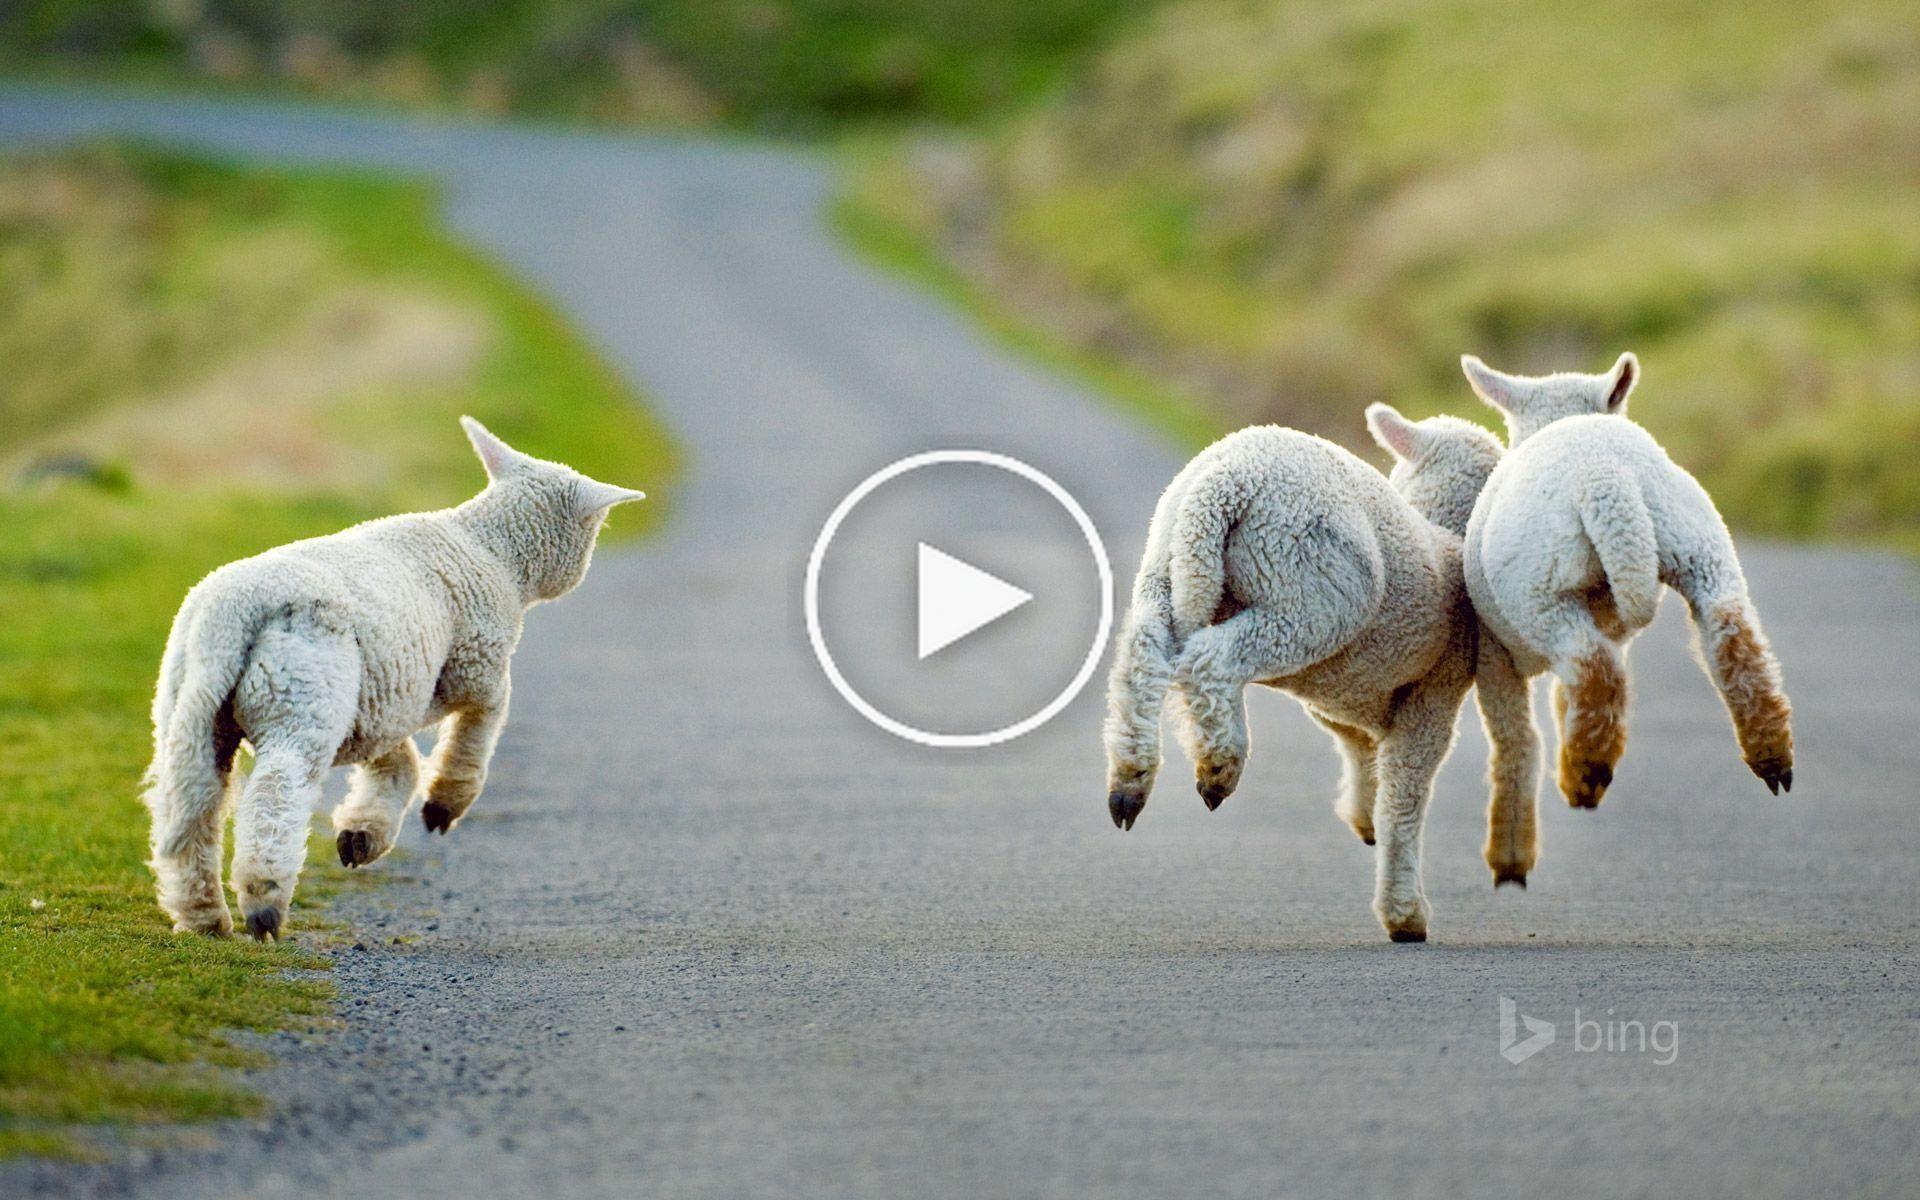 3 Sheep Wallpaper Farm Animals Sheep Wallpapers 11 Hd Wallpapers 1080p Full Hd 1080p Anim Tapeten Tierisch